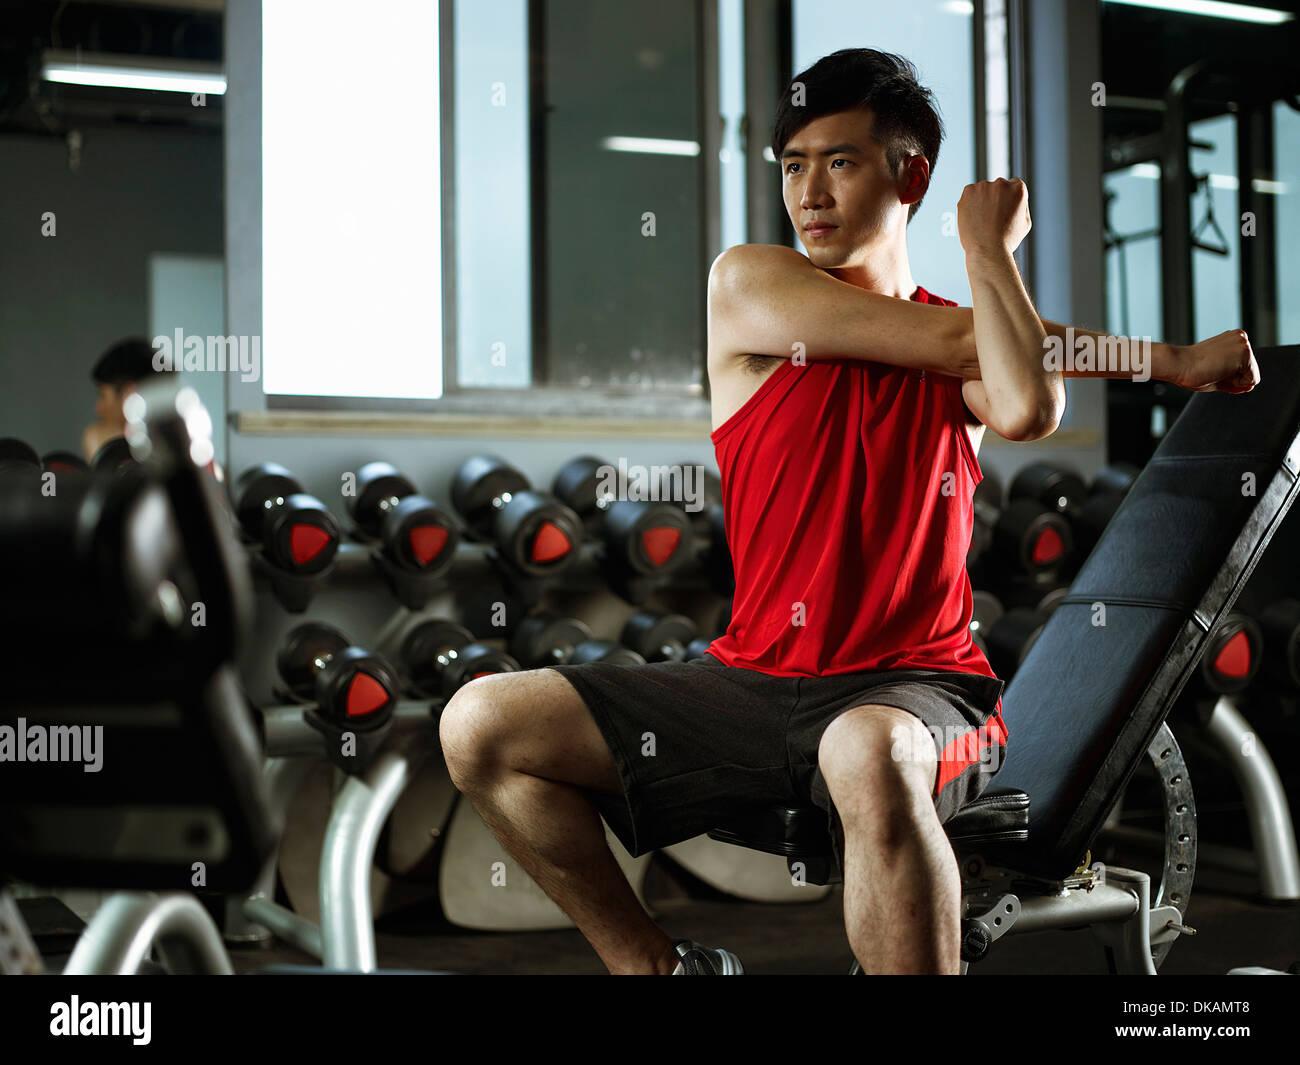 Hombre sentado en el banquillo de peso beber estiramiento para calentar Imagen De Stock